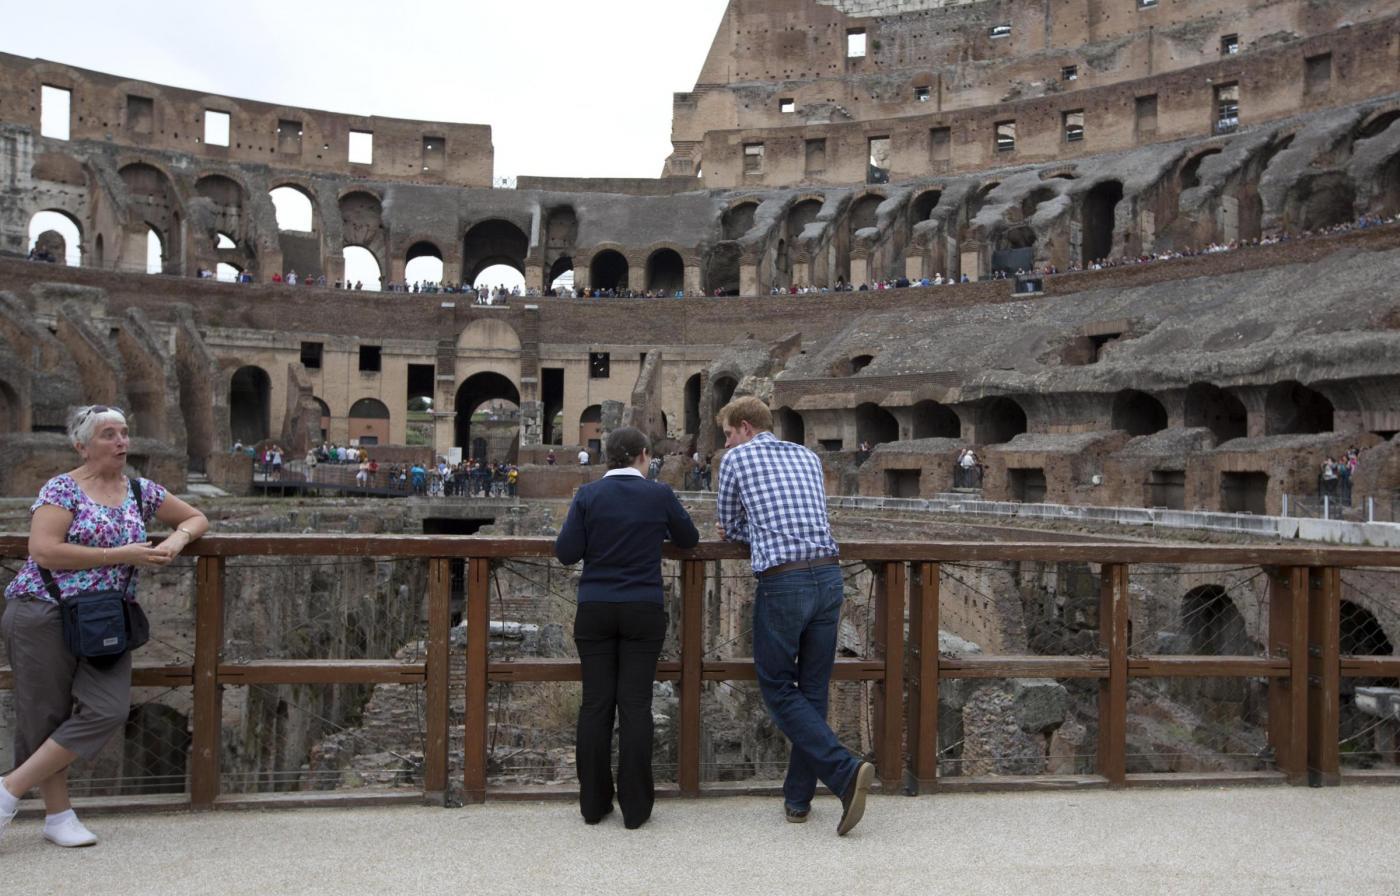 Non solo Obama: anche il principe Harry visita il Colosseo01